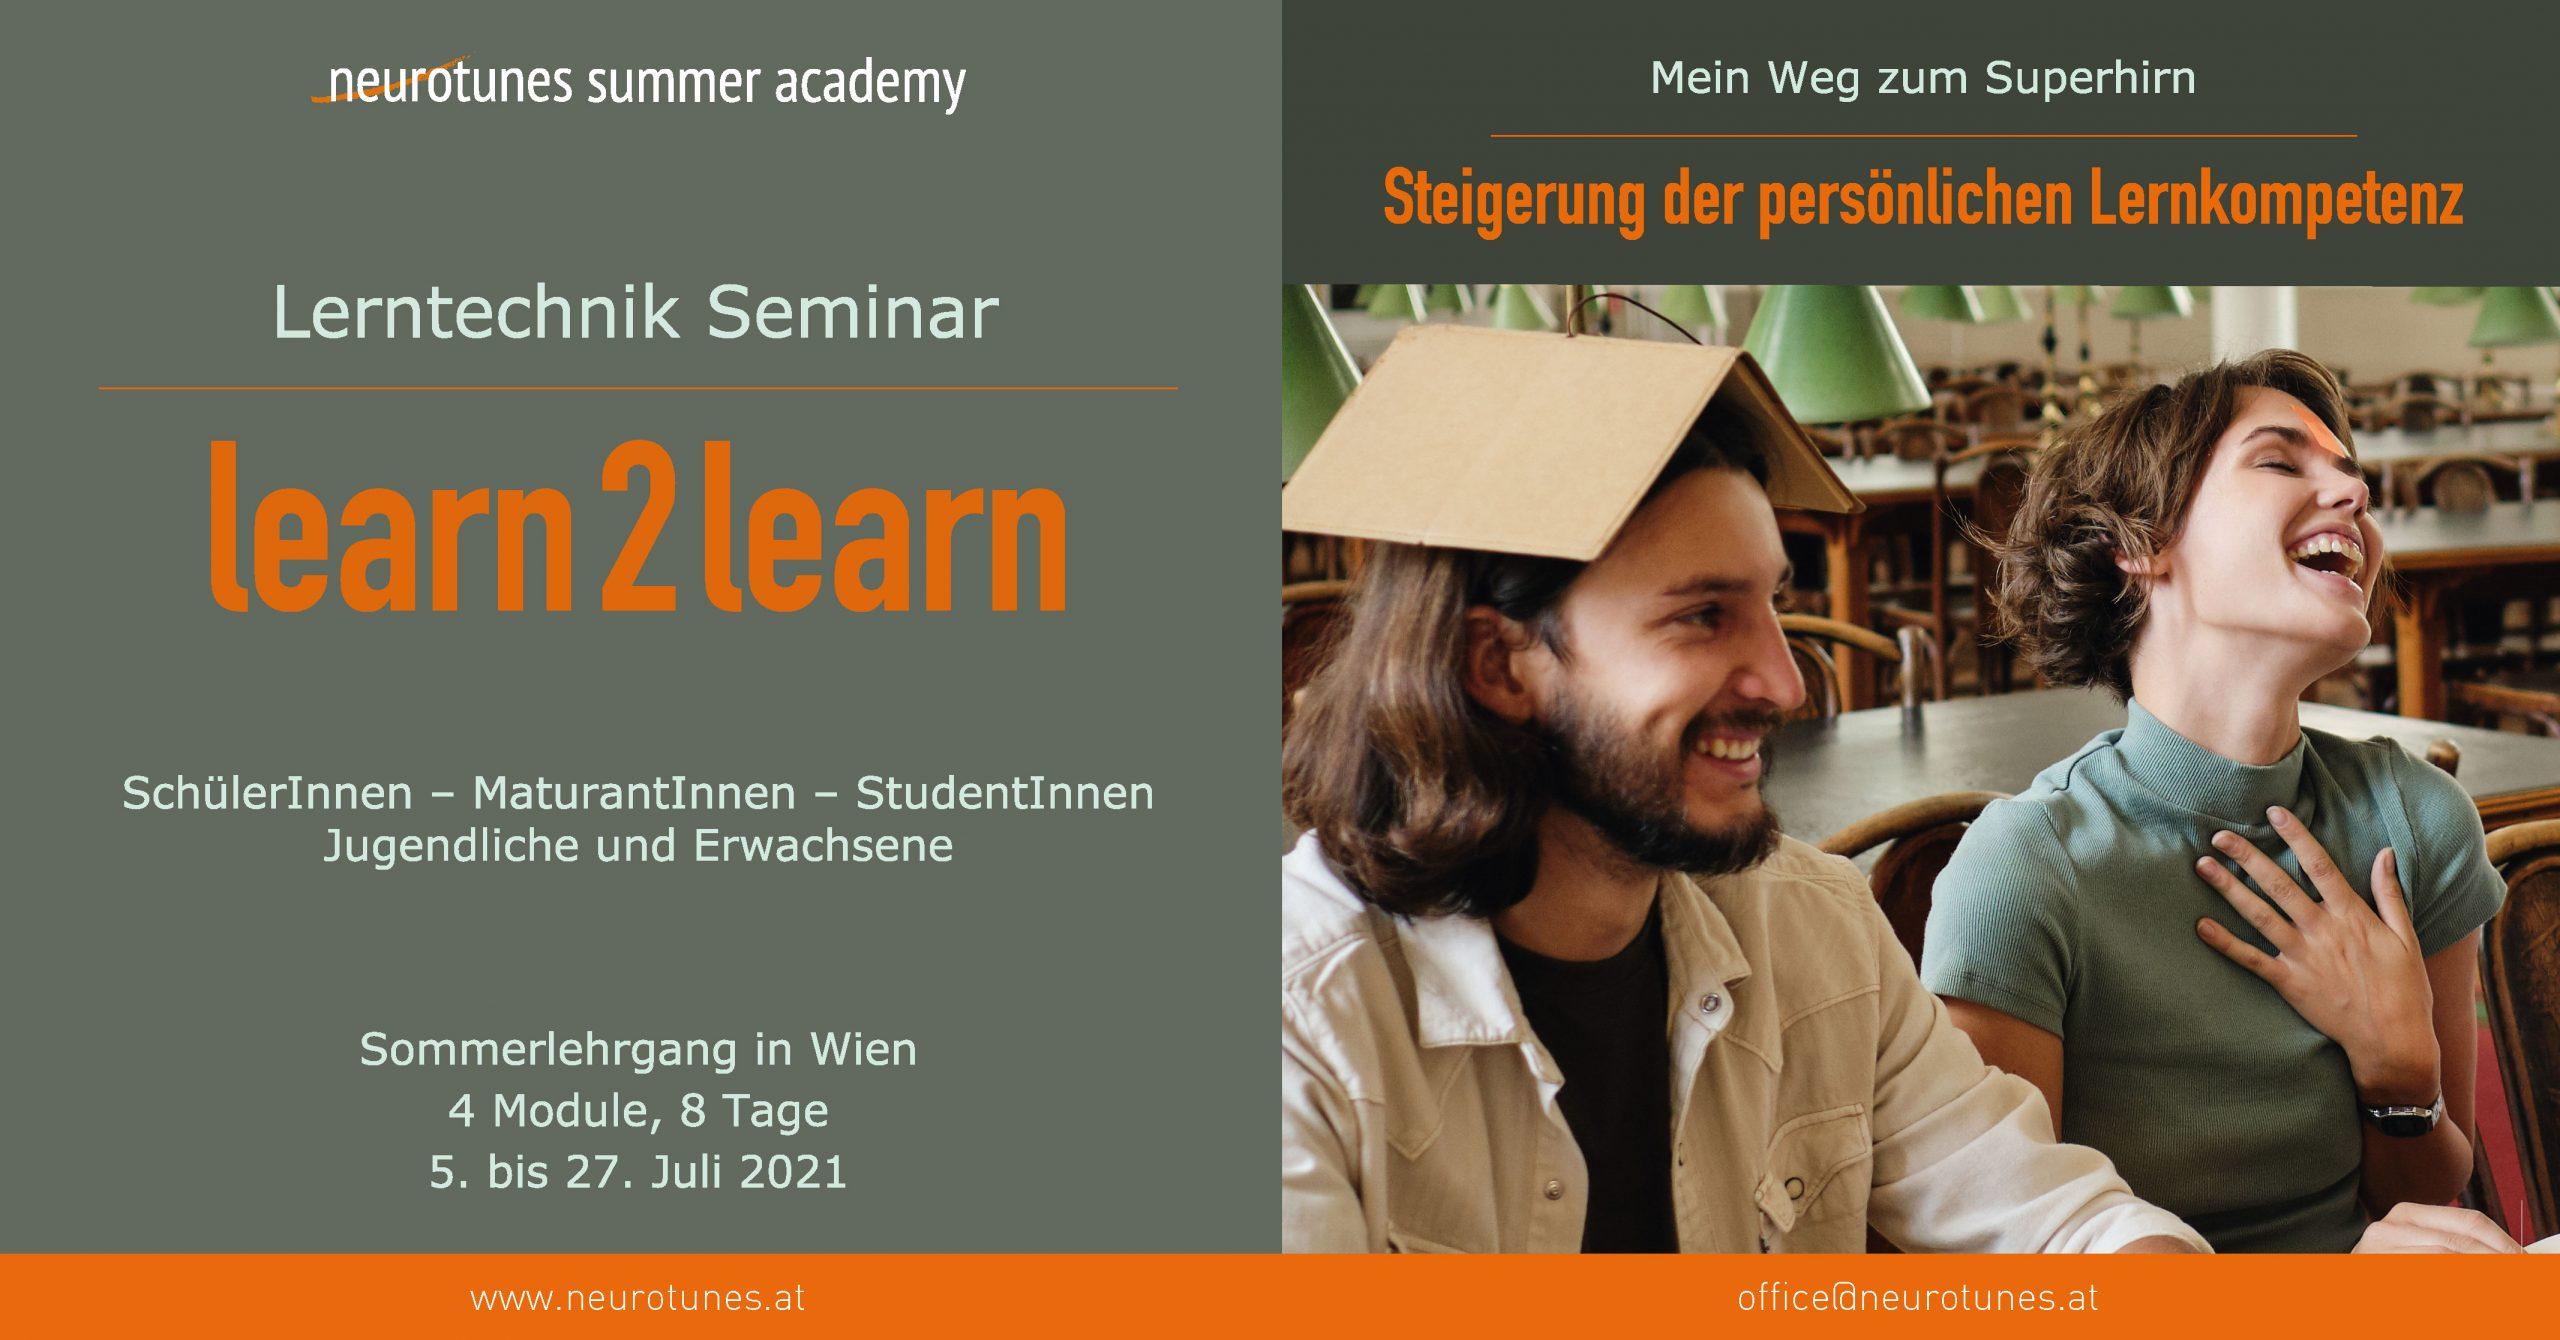 Learn2learn